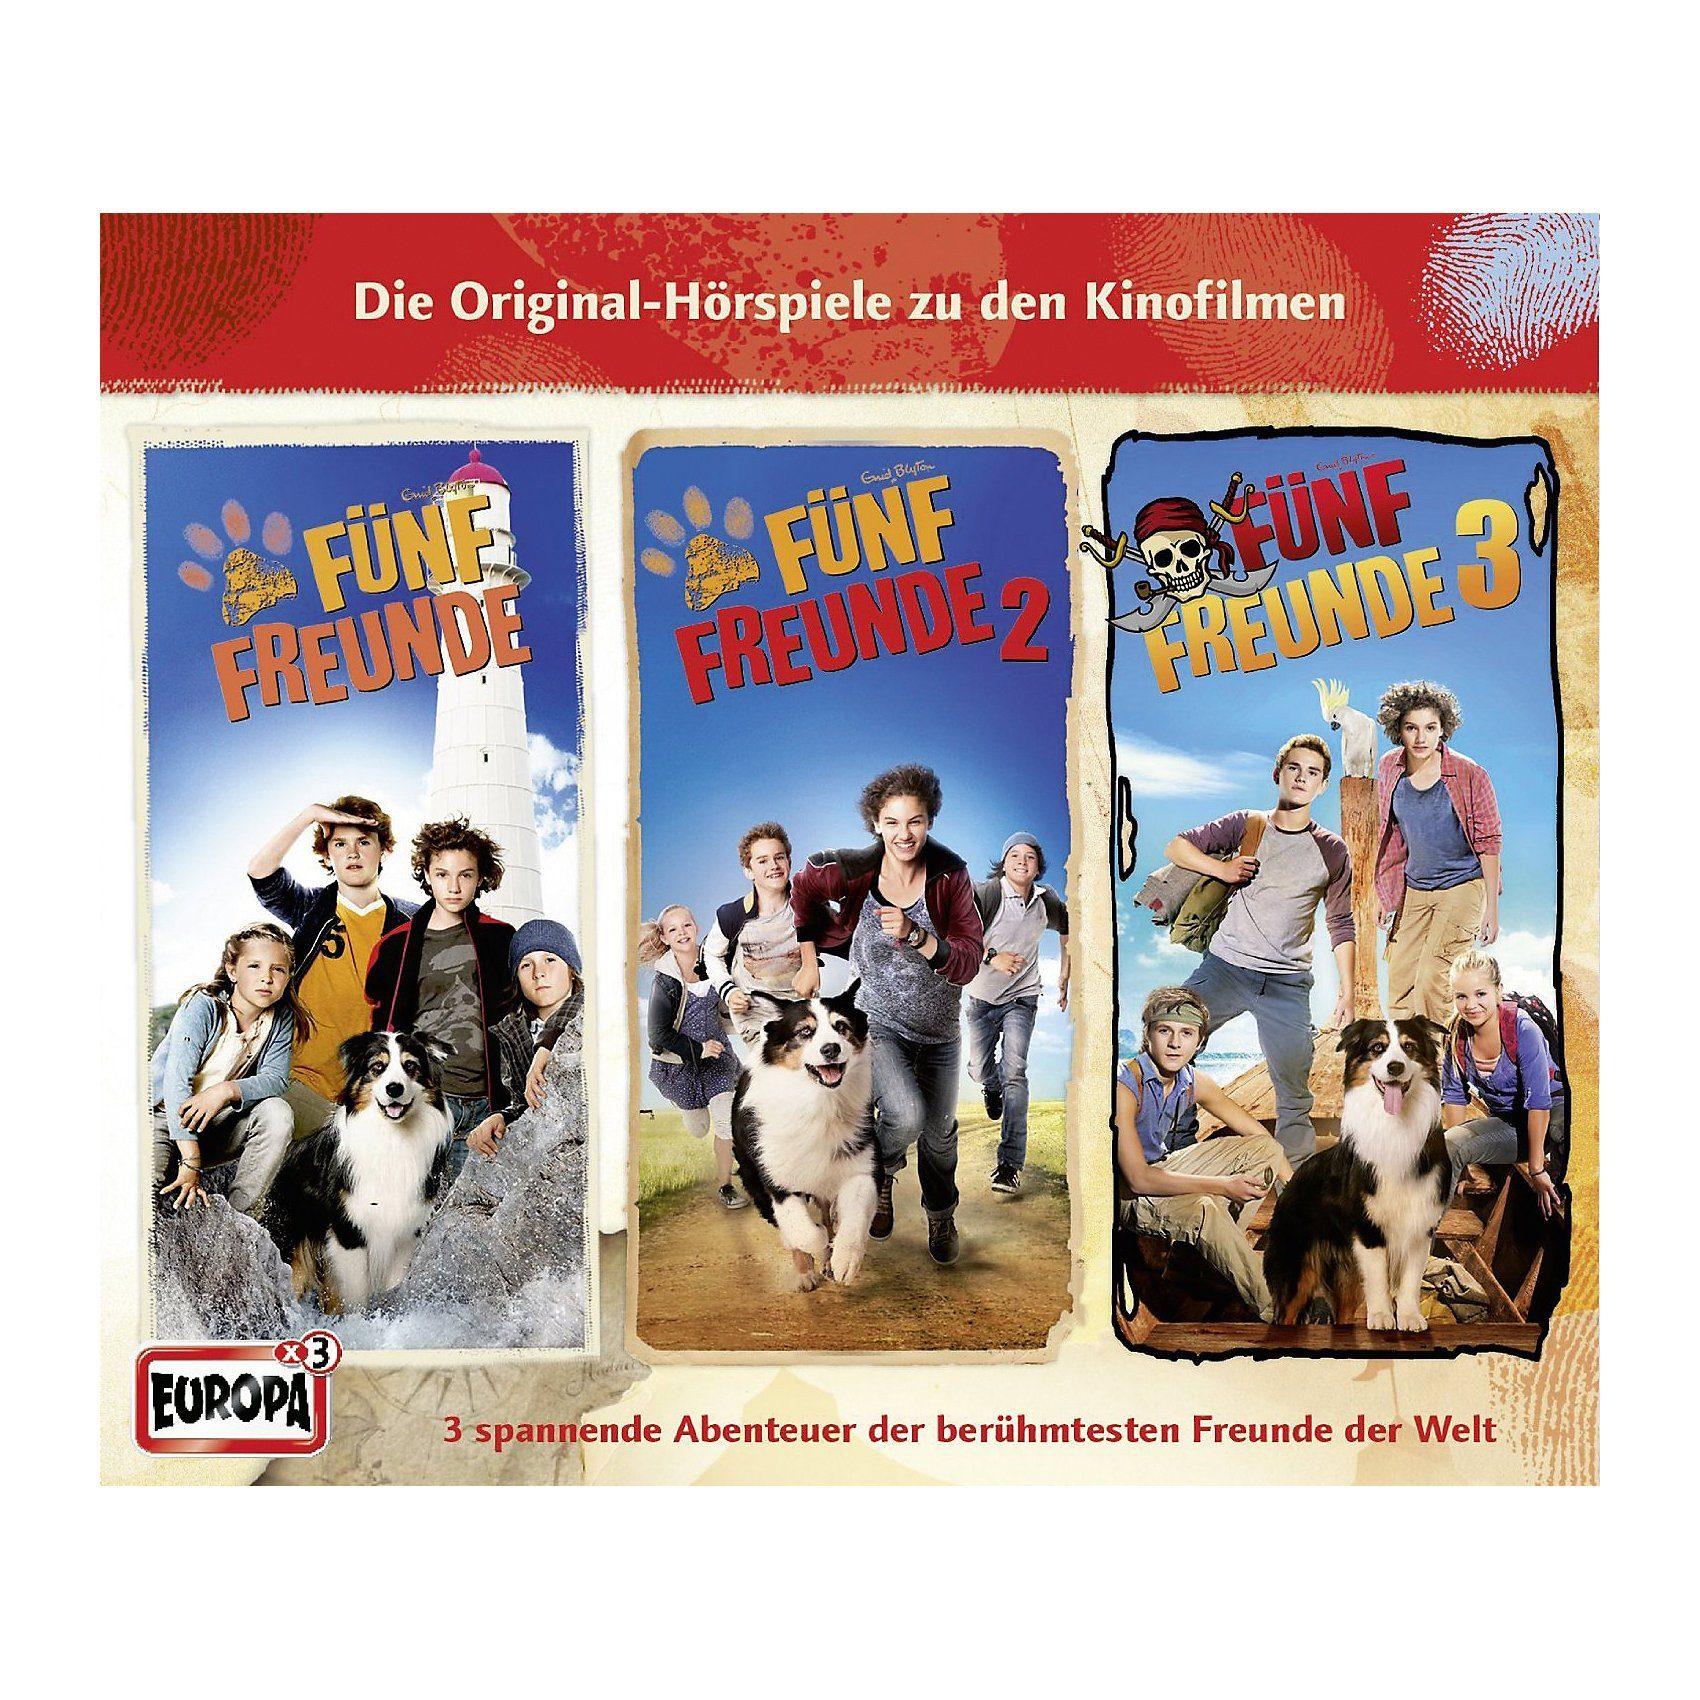 Sony CD Fünf Freunde - Filmhörspiele 1-3